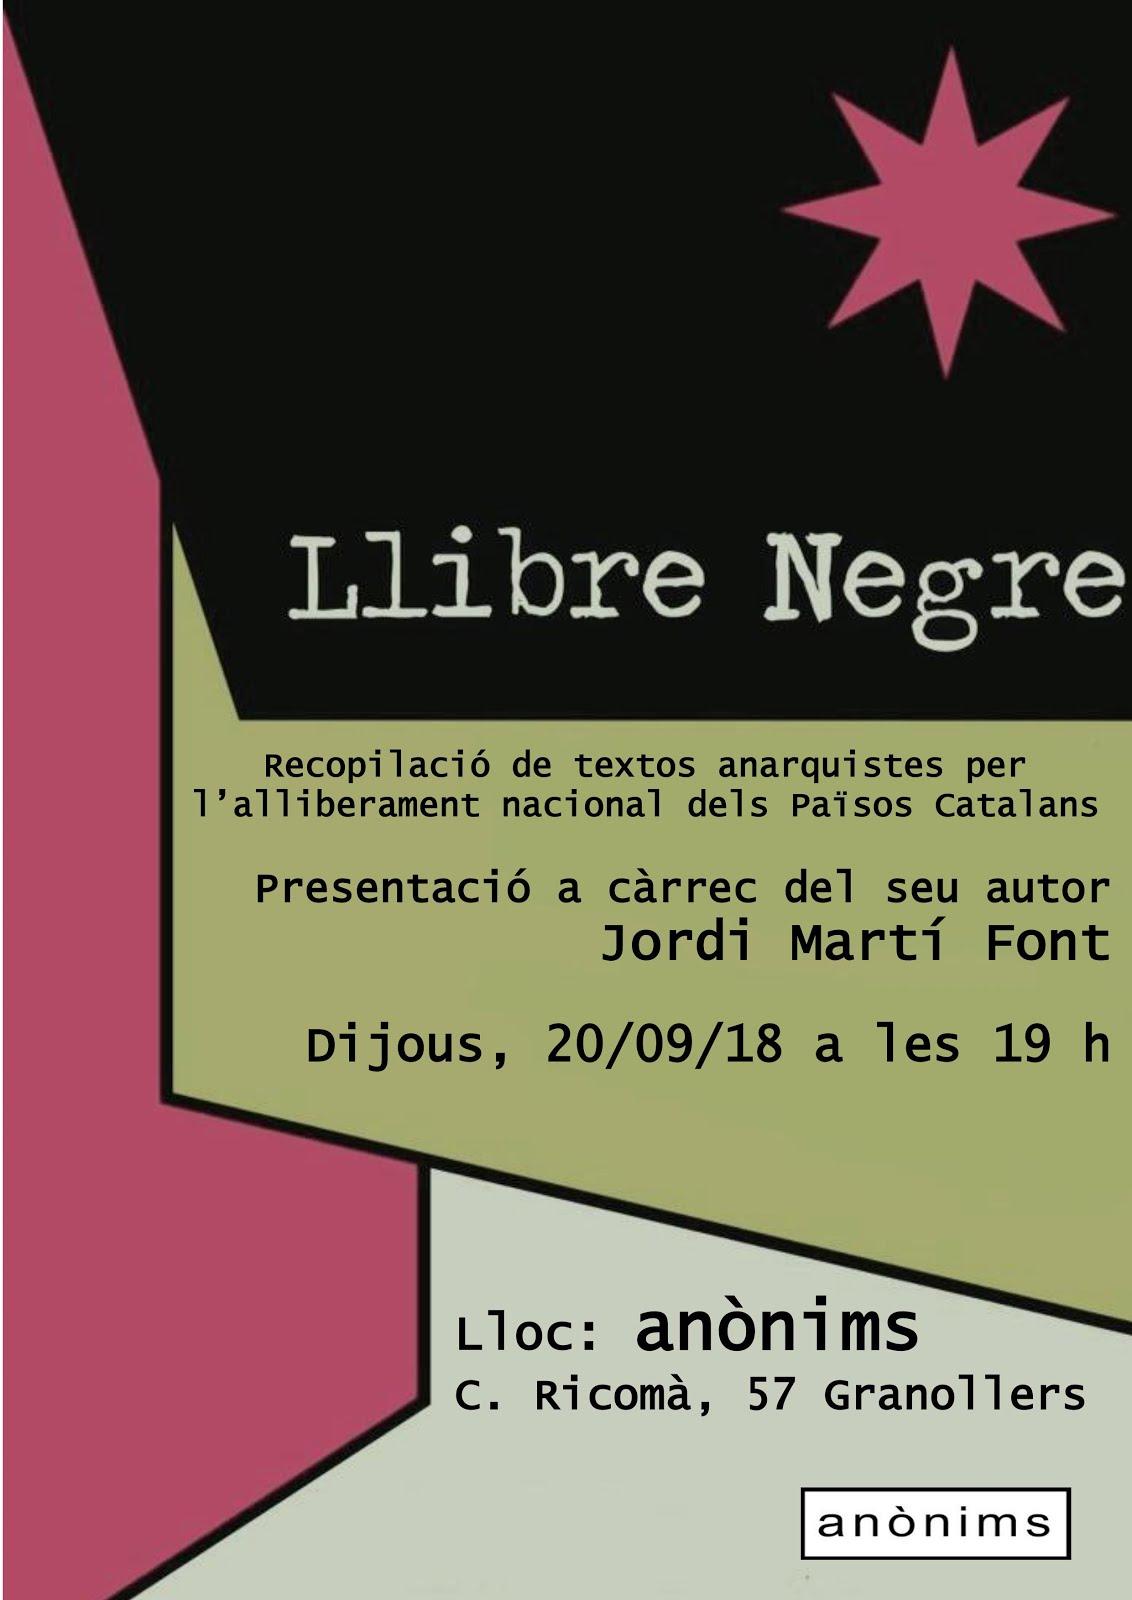 Llibre negre.  Recopilació de textos anarquistes per l'alliberament nacional dels països catalans